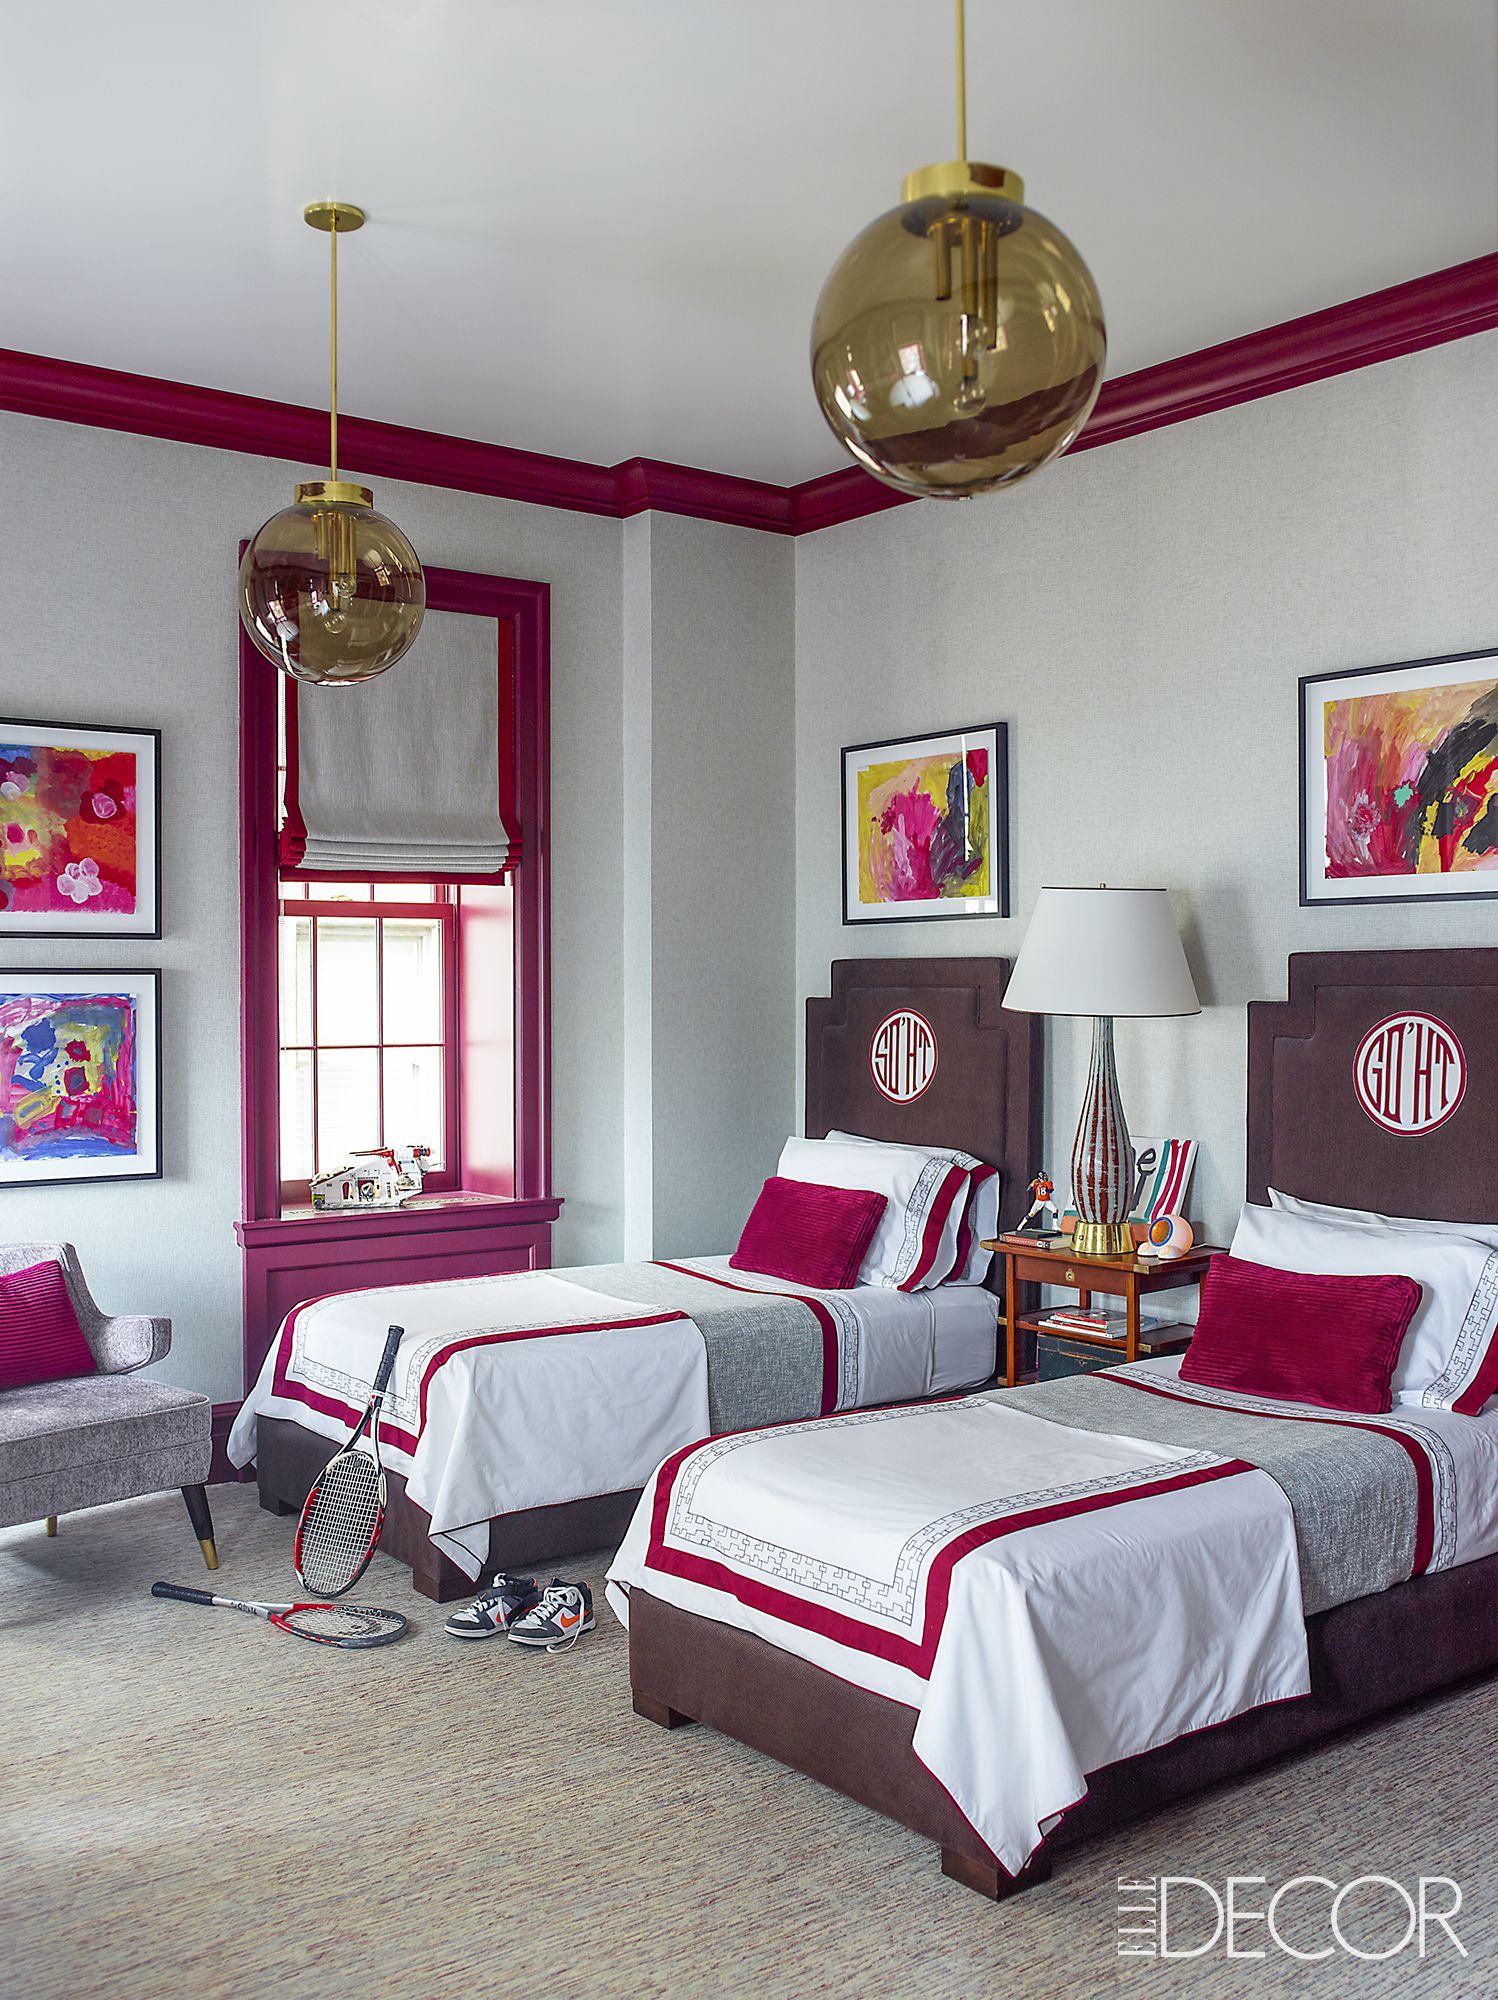 kids room decor ideas 18 cool kidsu0027 room decorating ideas - kids room decor DGYNFGS